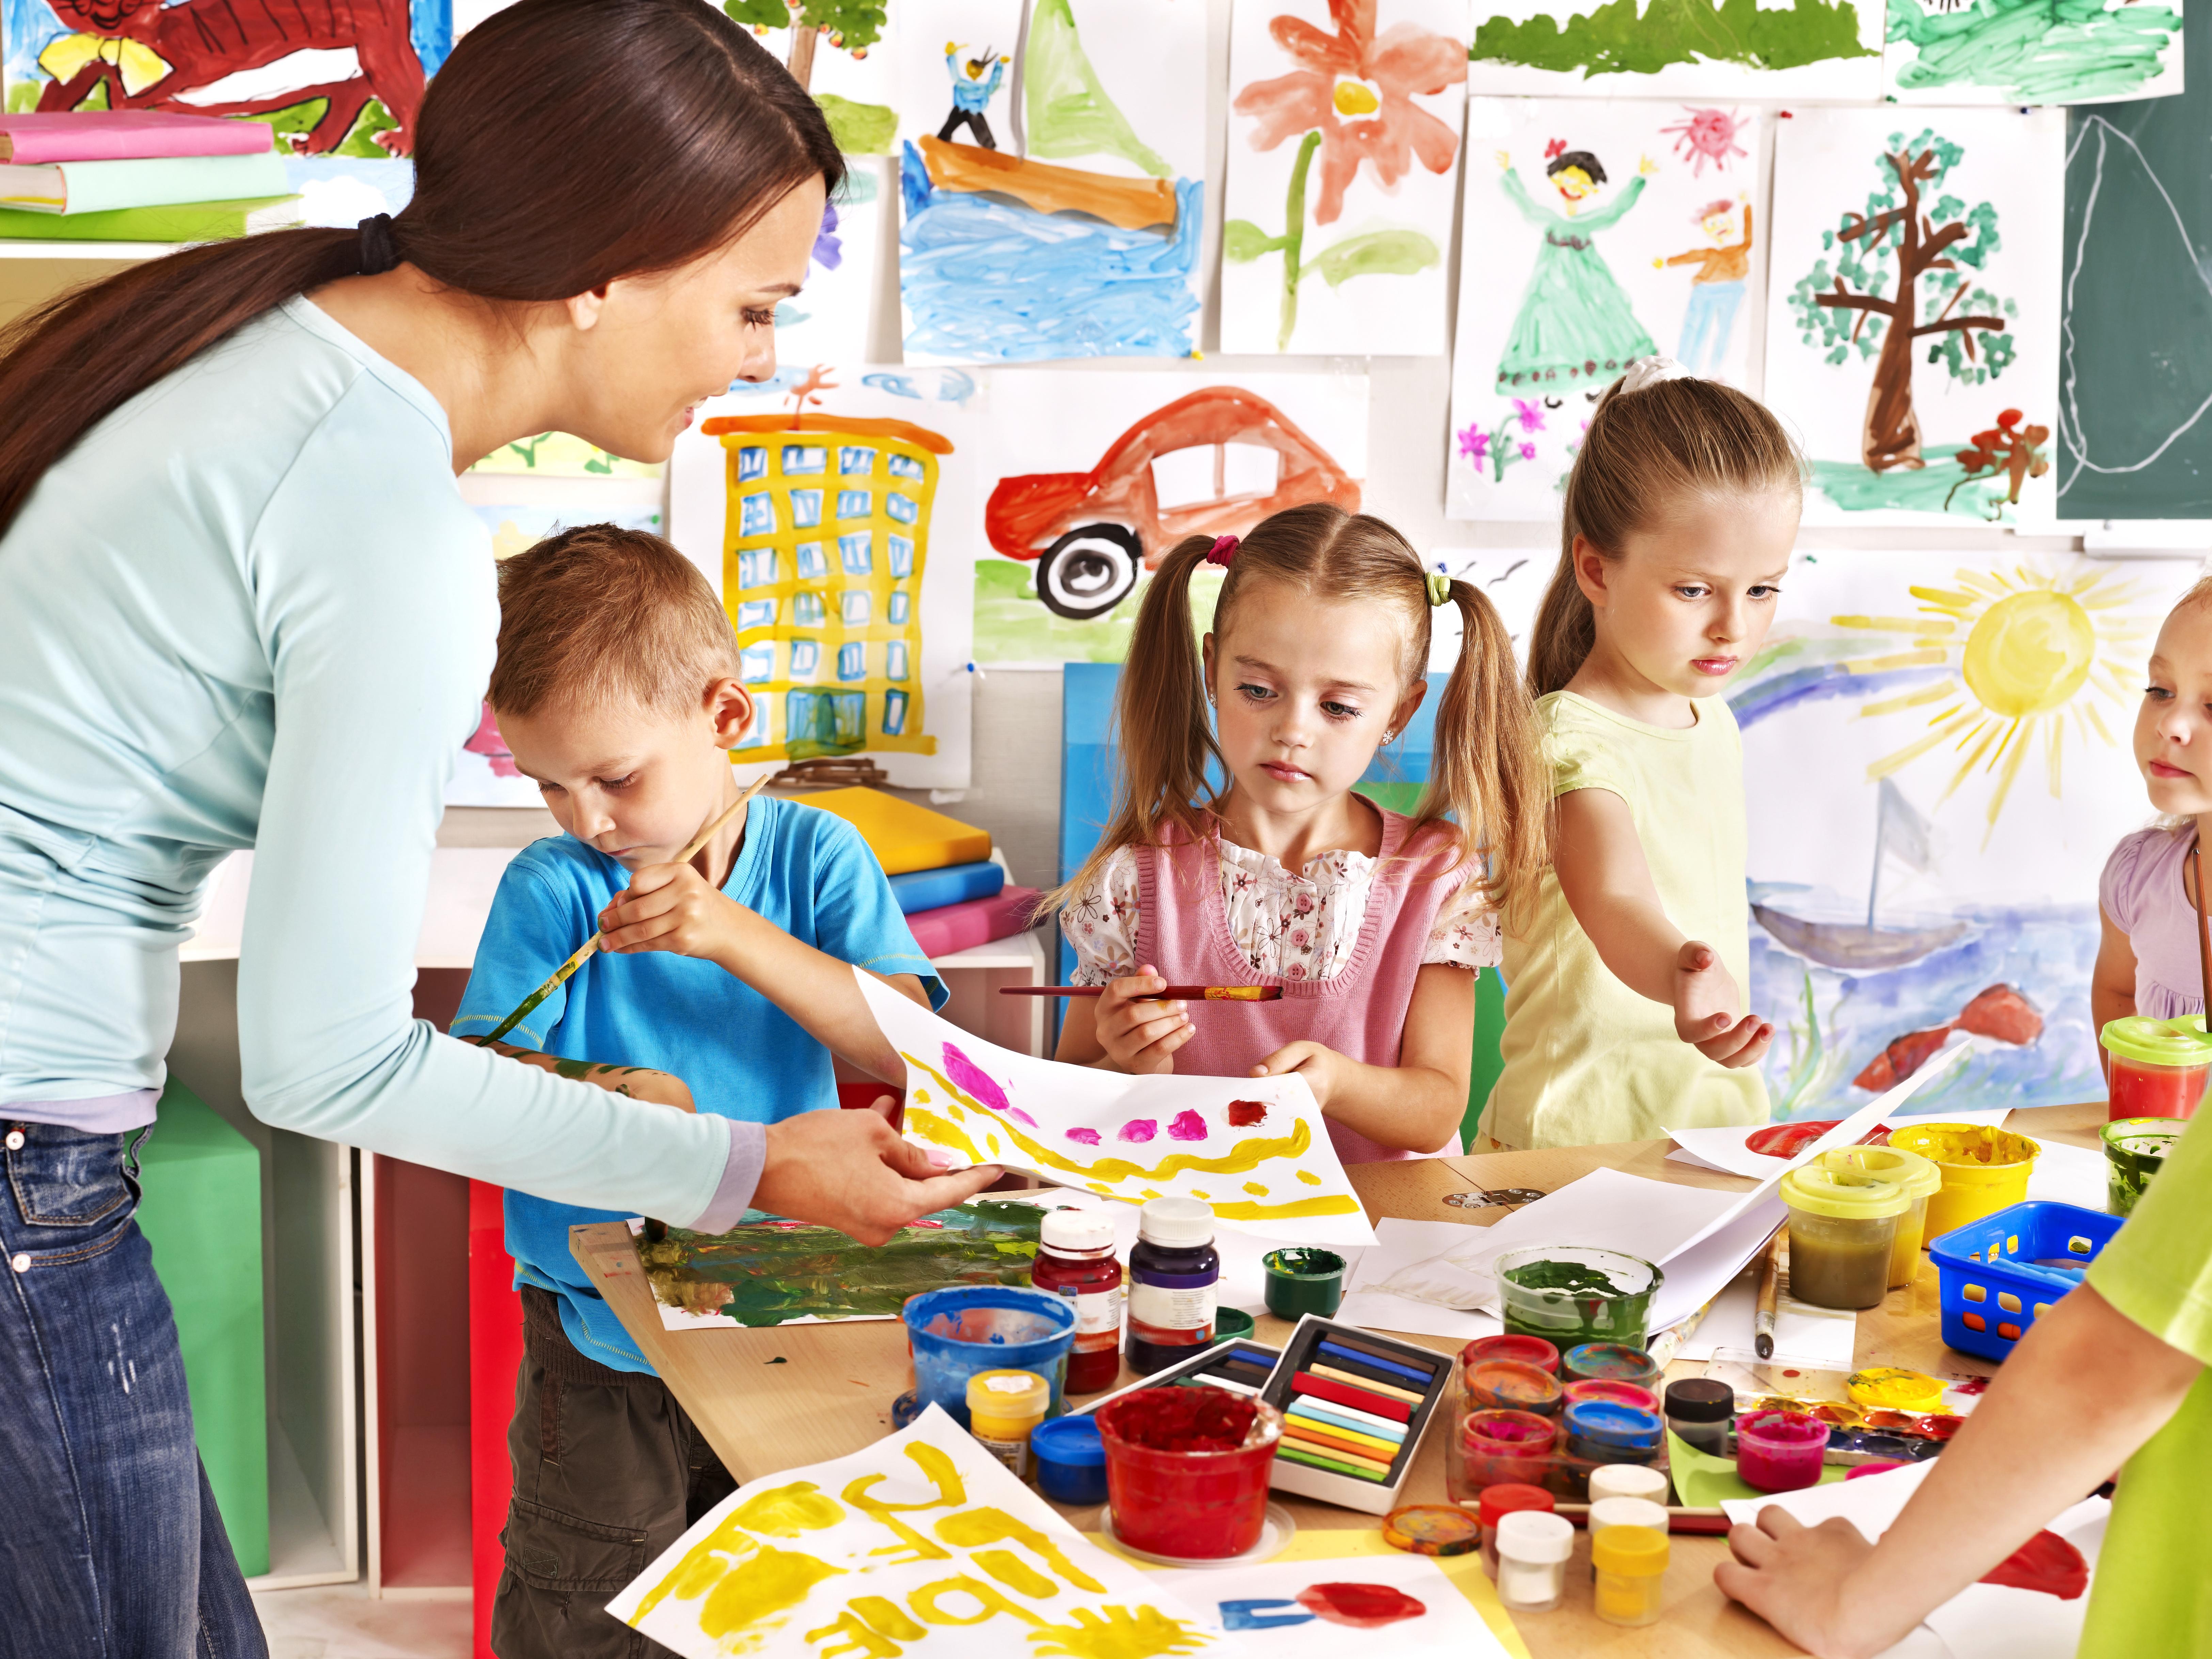 להיות במקצוע הנכון ולתת לילדים להביע את עצמם בדרכים שונות (צילום: shutterstock)